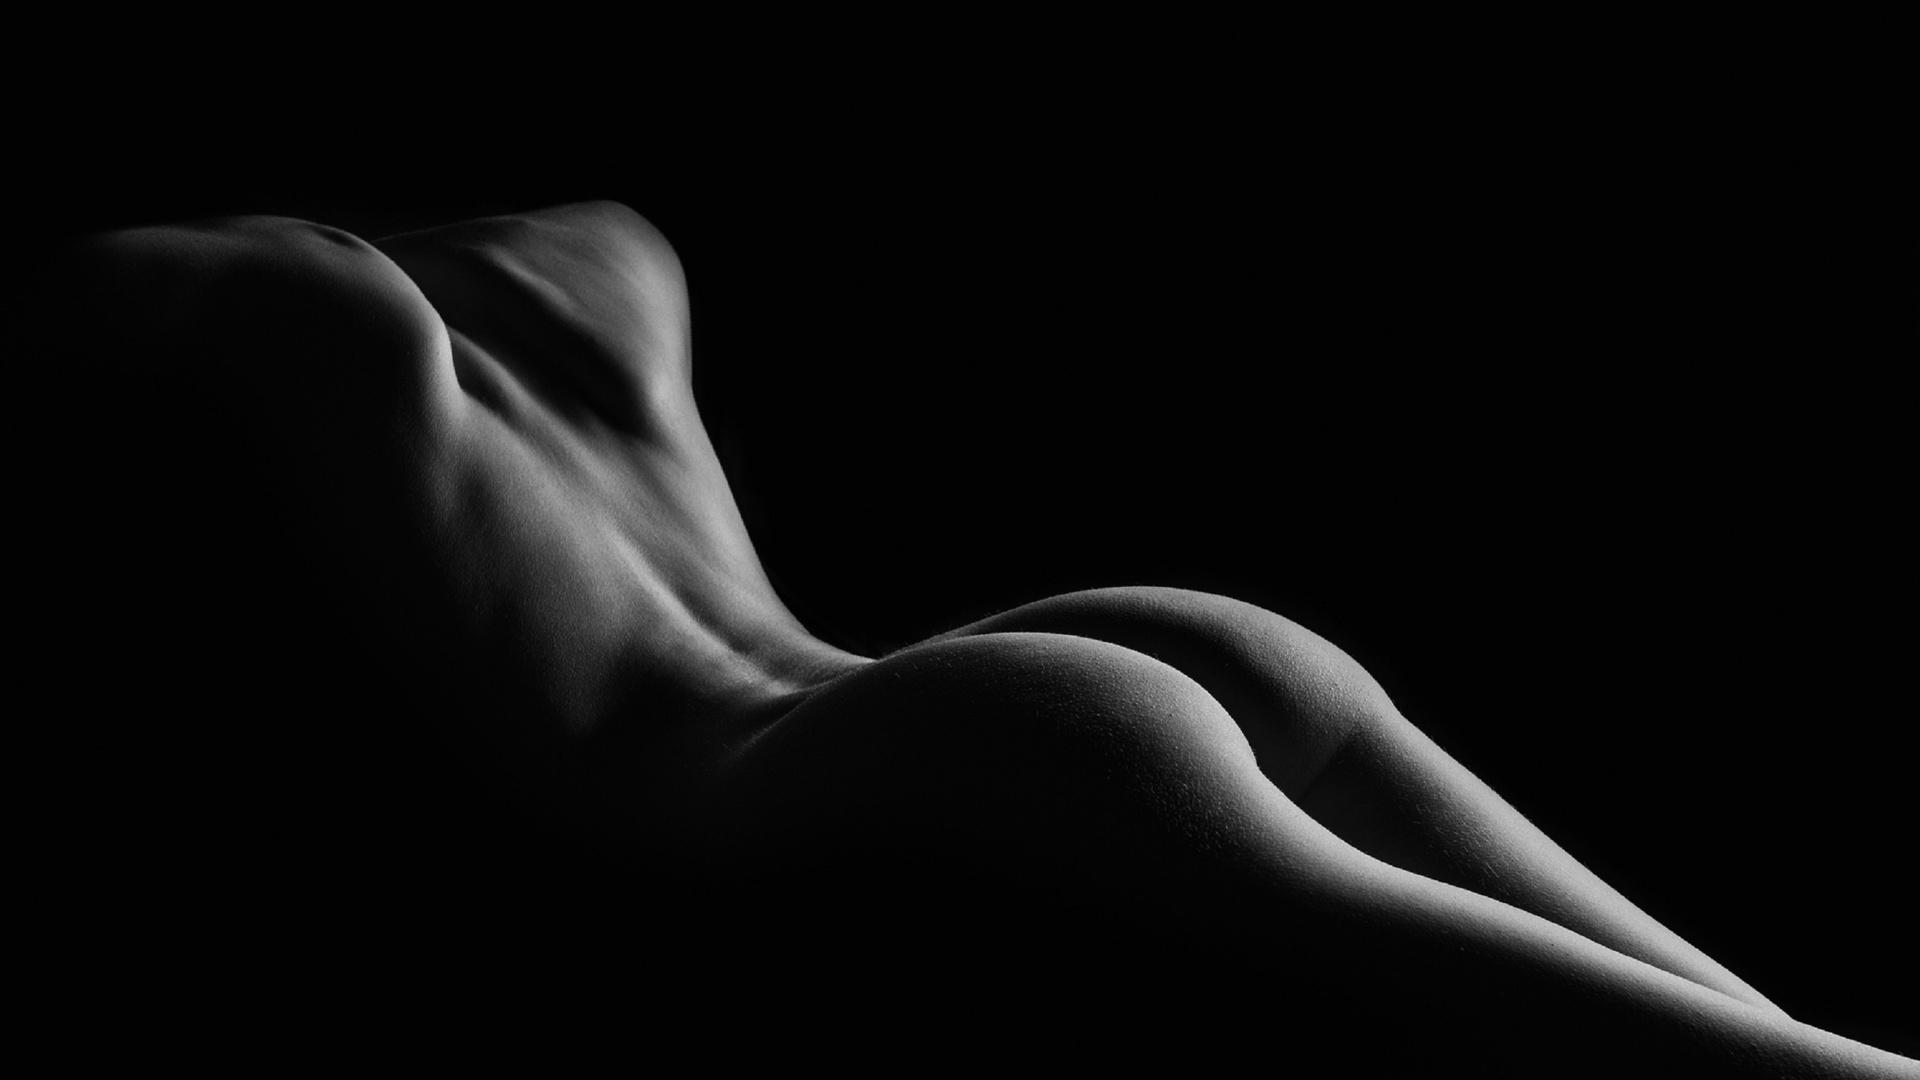 Черно белые картинки голых девушек, Черно белая эротика с голыми девушками - фото 25 фотография